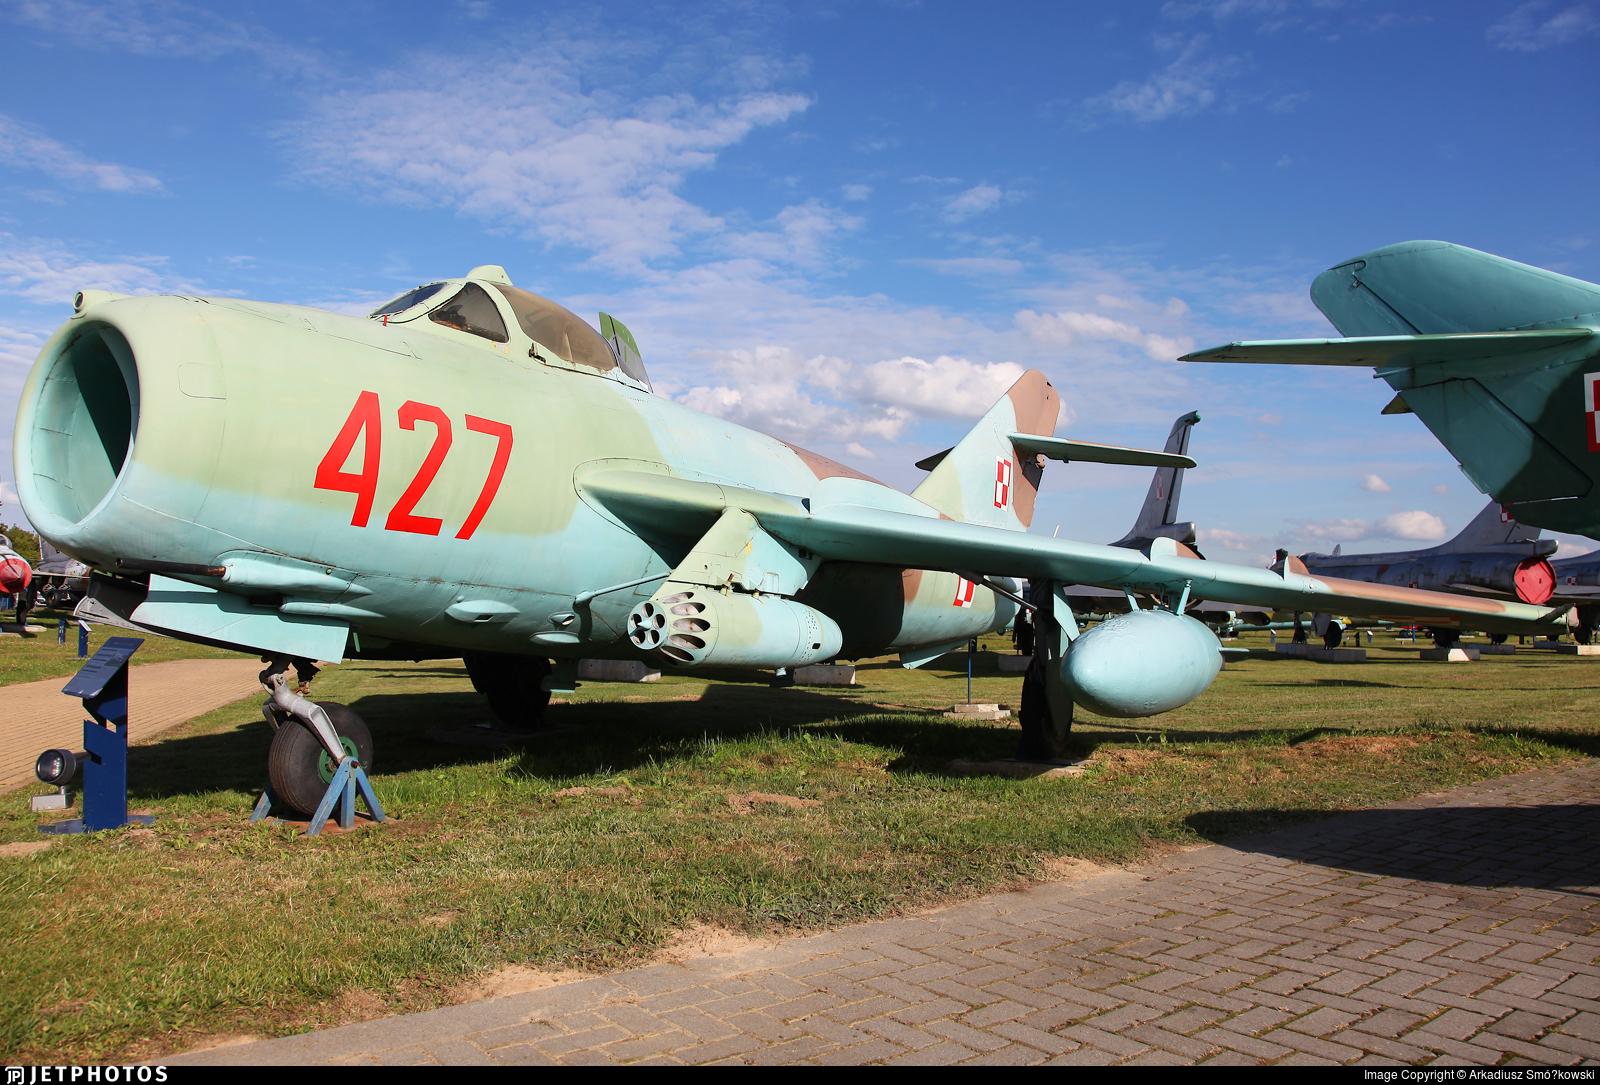 427 - WSK-Mielec Lim-6bis - Poland - Air Force